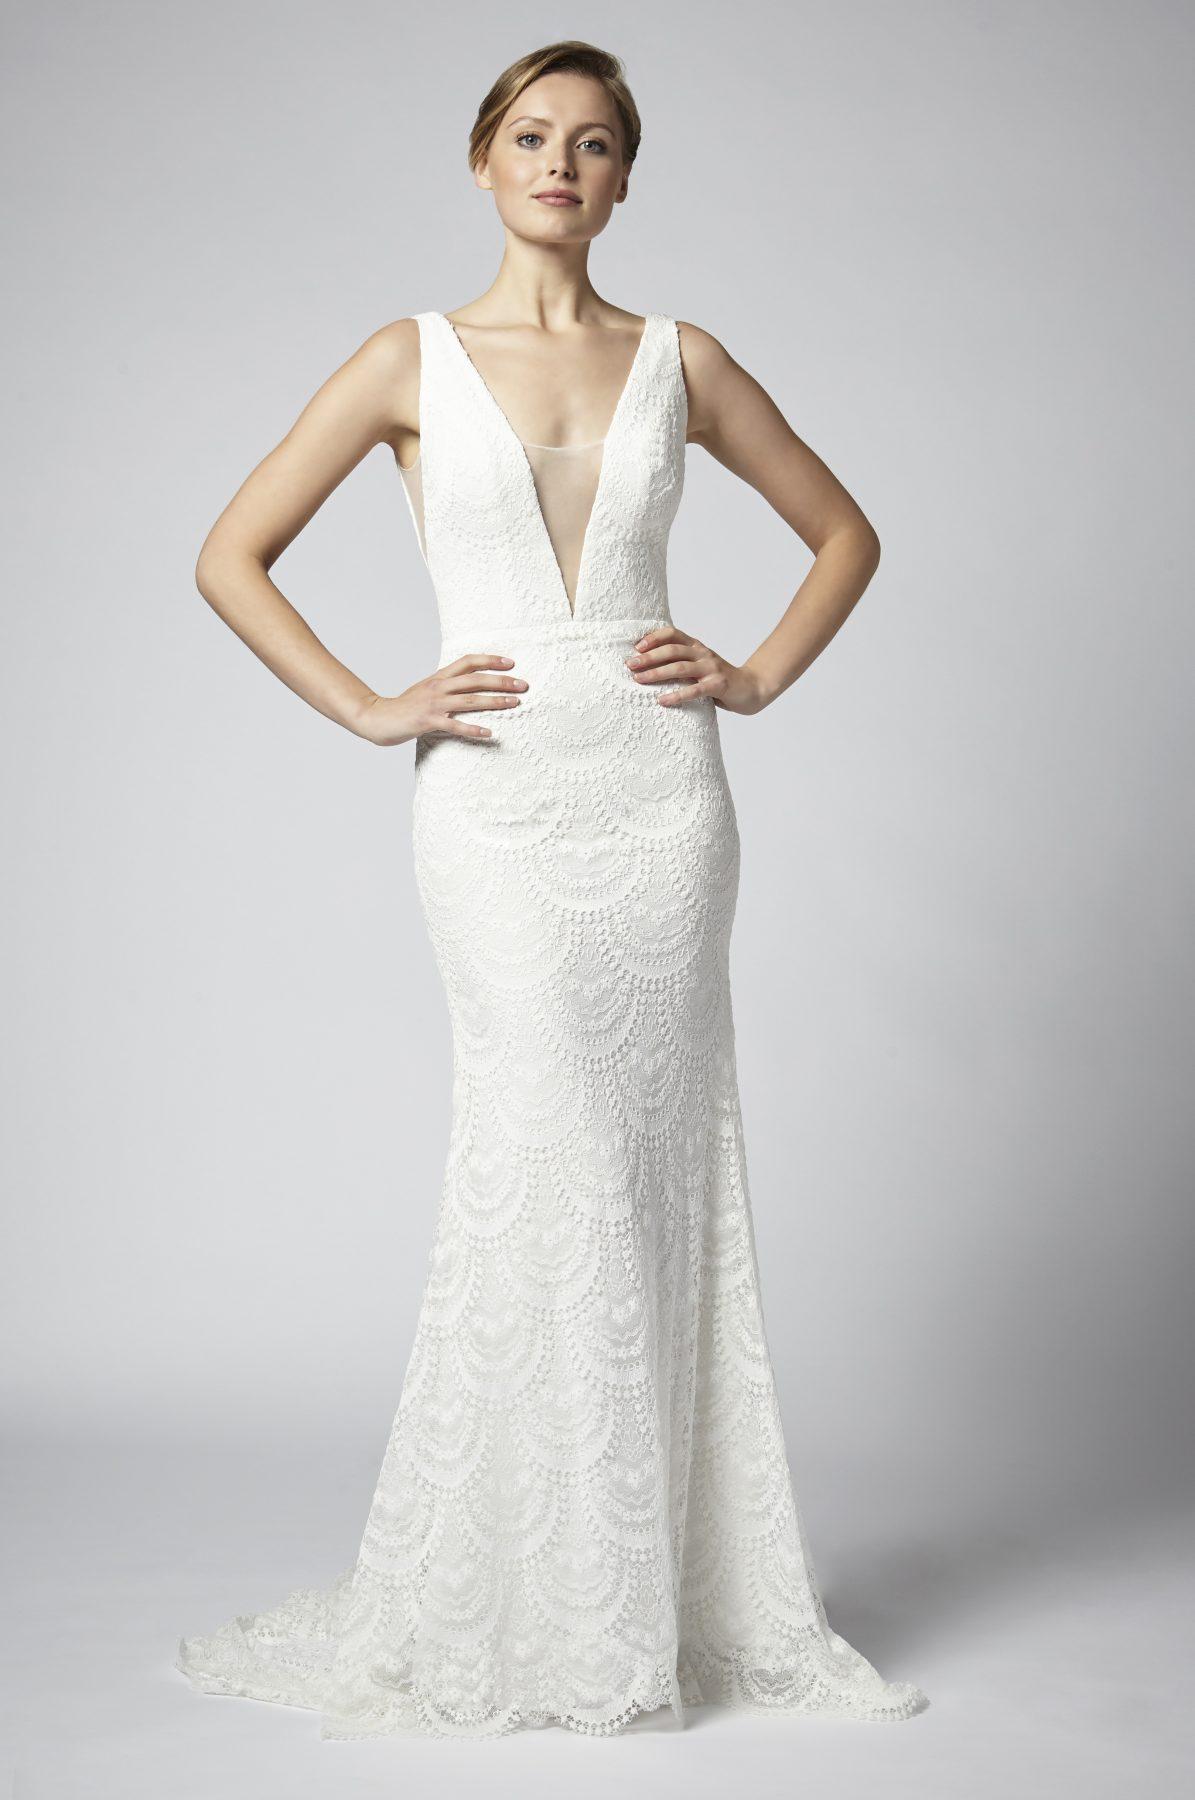 Wedding Dresses for Summer